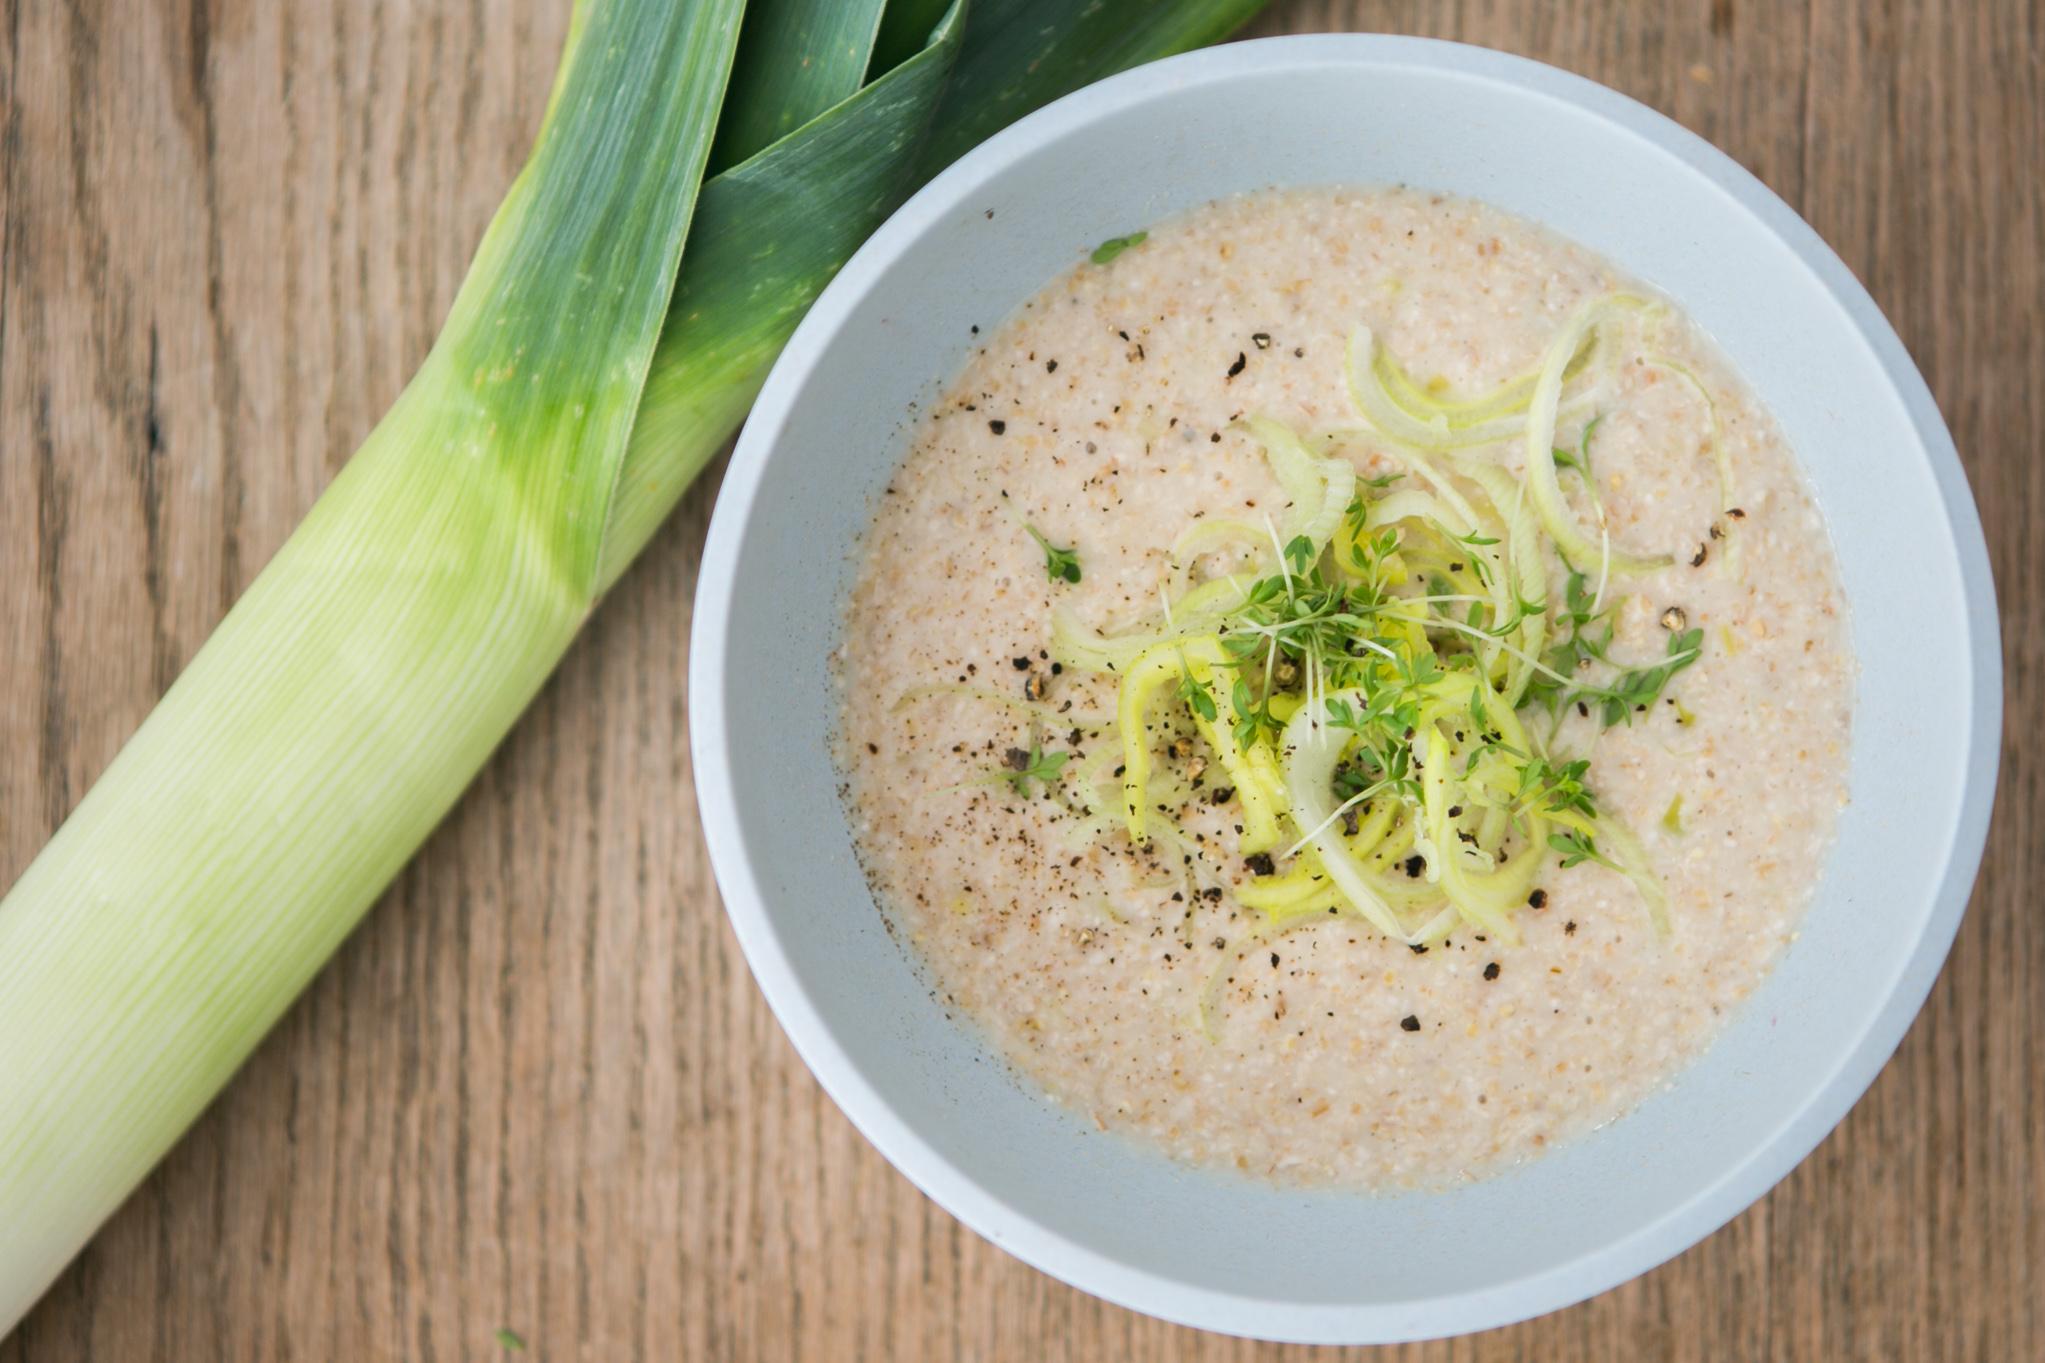 Verival Porridge Taste & Talk